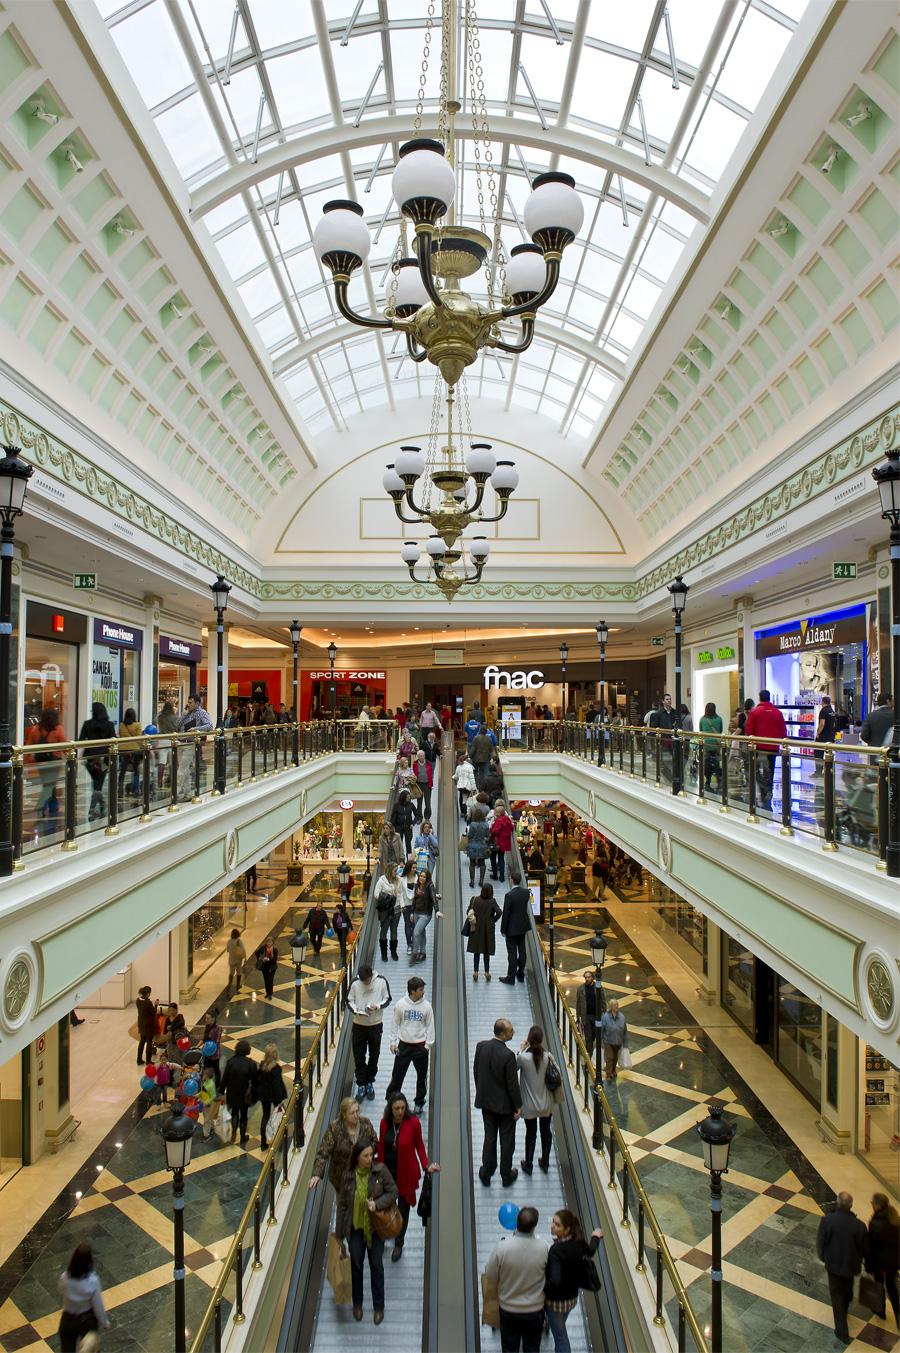 Ciudadanos de parla gran plaza 2 el gran centro comercial que pudo haberse constru do en parla - Gran plaza norte 2 majadahonda ...